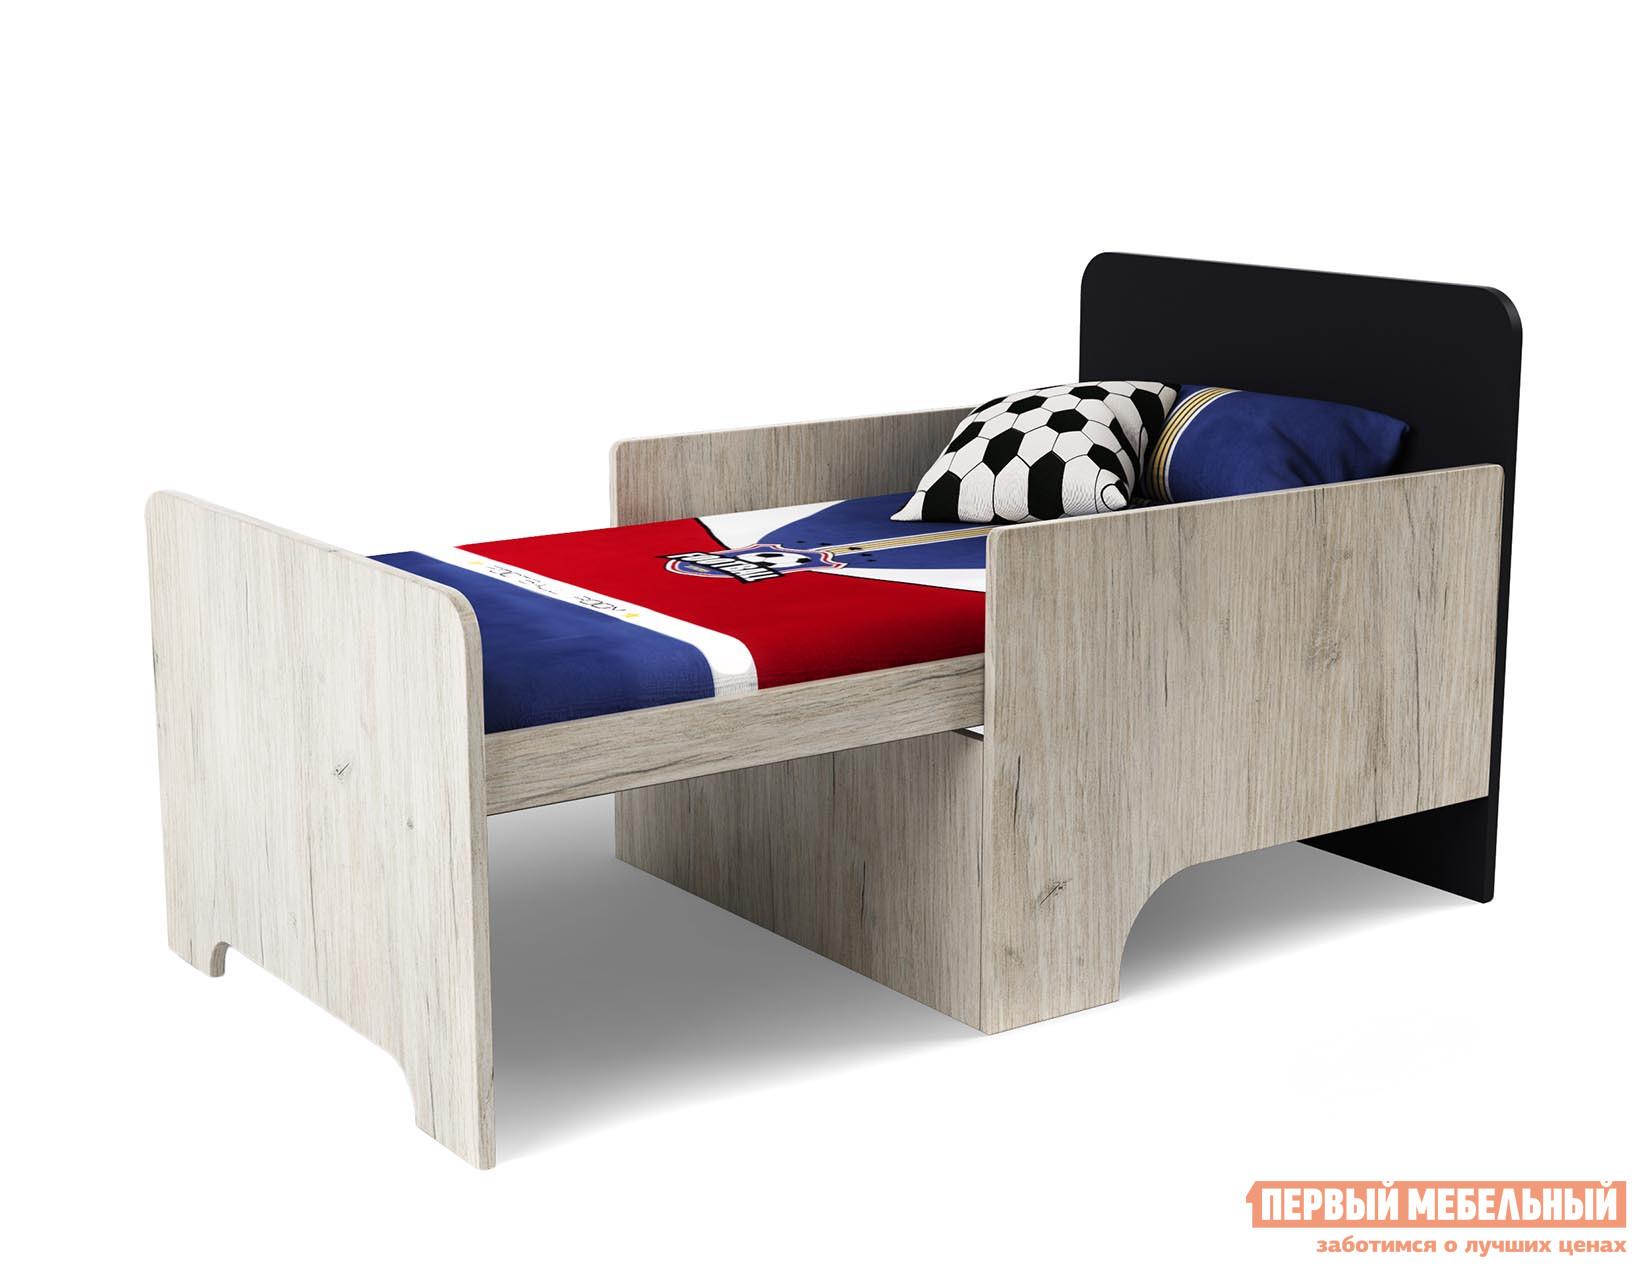 Кровать МО РОСТ Кровать вырастайка  Премьера Пикард / ЧерныйОдноэтажные кровати<br>Габаритные размеры ВхШхГ 660x684x1232 / 1632 мм. Современная и лаконичная кровать для юных непосед будет расти вместе со своим обладателем. Оригинальное исполнение модели с раннего возраста привьет чувство стиля, а удобный матрас, который входит в комплект, подарит только самые приятные сновидения. Обратите внимание! Подушки в комплект не входят. Материал изготовления — ЛДСП.<br><br>Цвет: Темное-cветлое дерево<br>Высота мм: 660<br>Ширина мм: 684<br>Глубина мм: 1232 / 1632<br>Кол-во упаковок: 2<br>Форма поставки: В разобранном виде<br>Срок гарантии: 1 год<br>С бортиками: Да<br>С матрасом: Да<br>Возраст: От 3-х лет<br>Пол: Для мальчиков